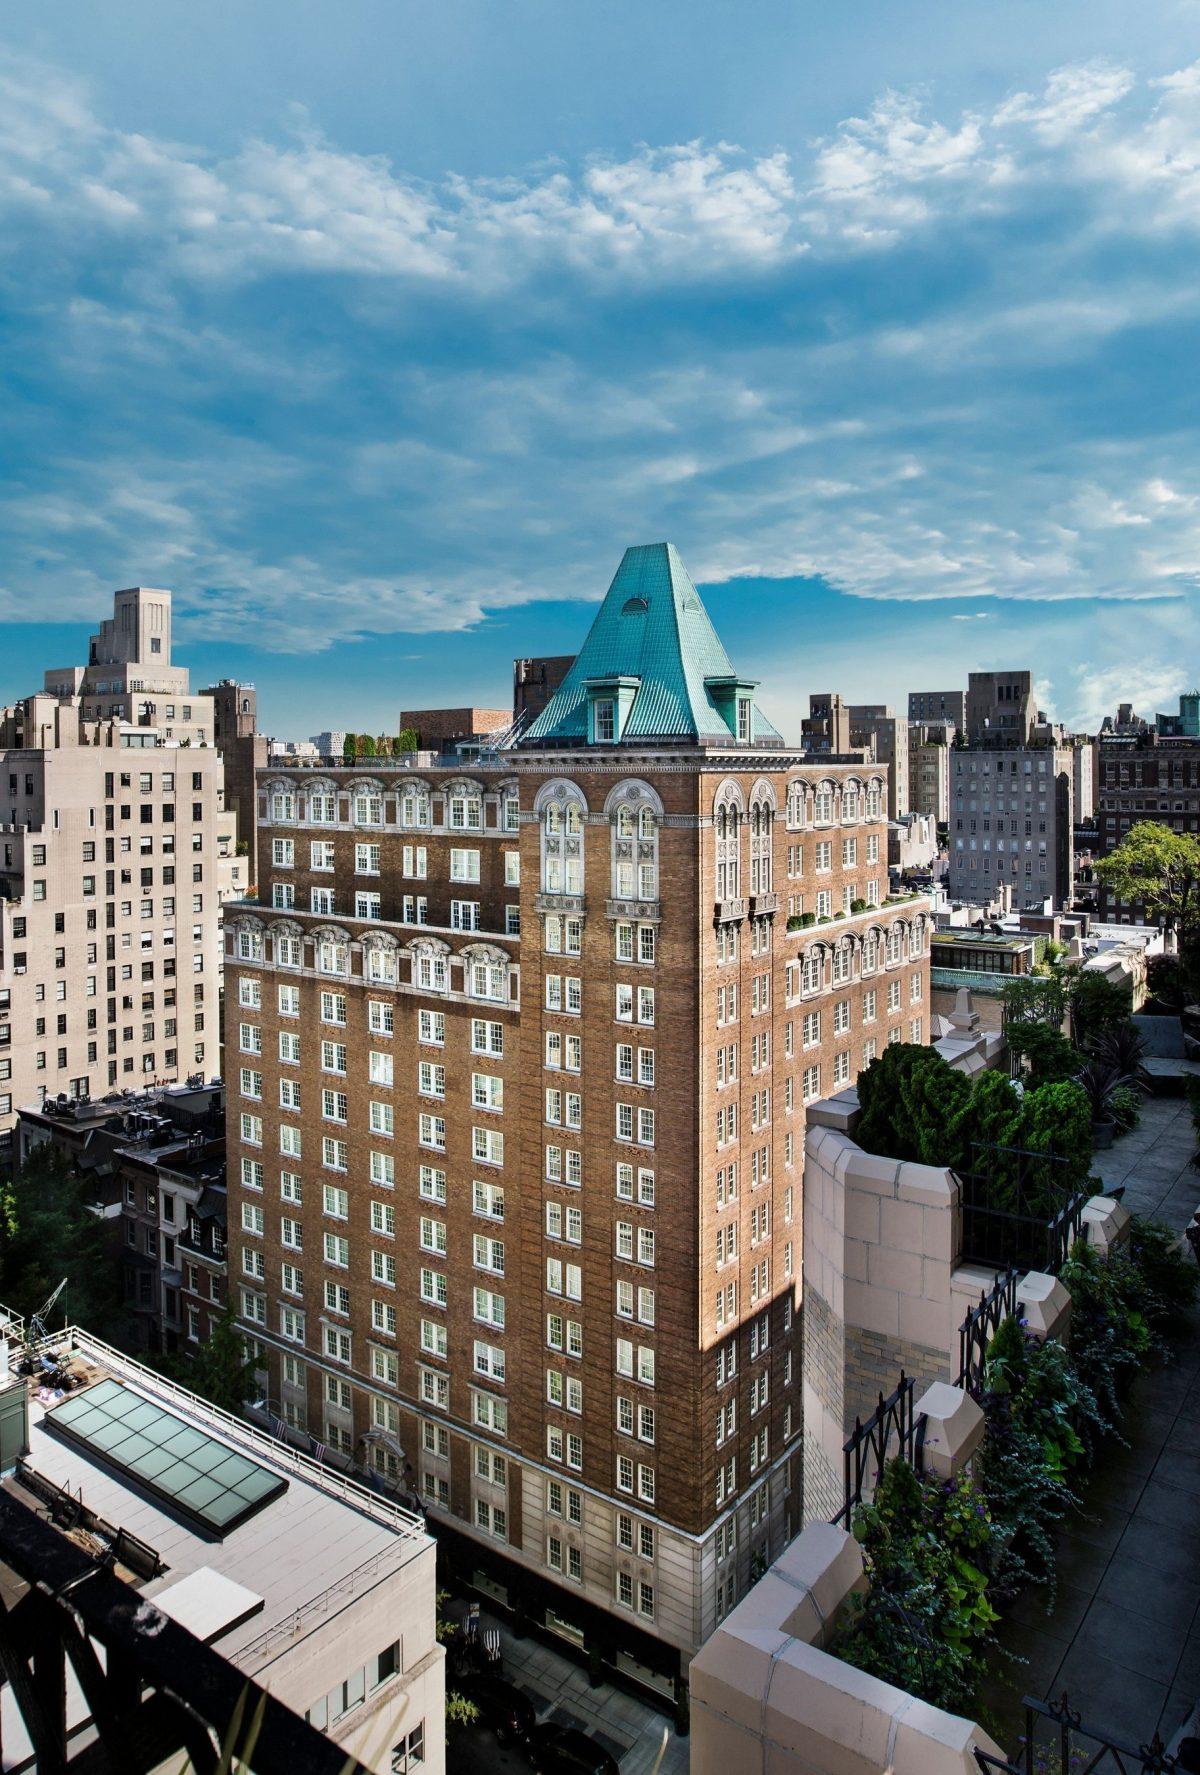 The Mark Hotel se clasifica como «#1 City Hotel in the US» y «#1 Hotel in New York City»